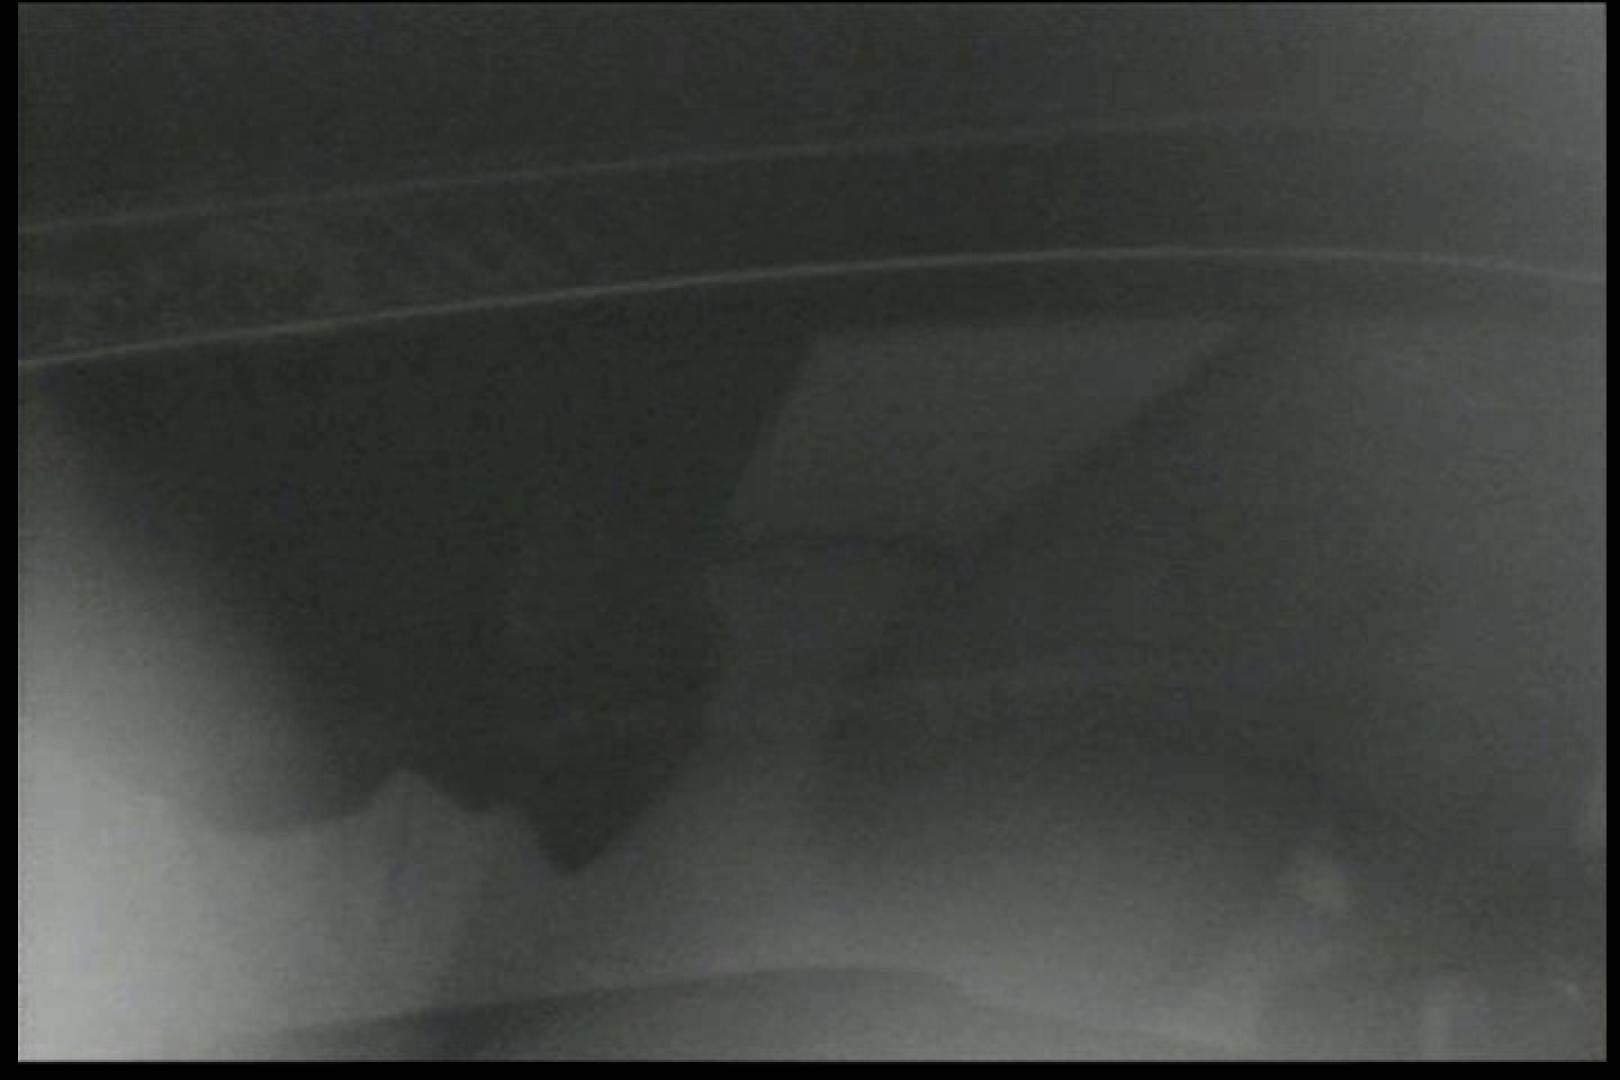 車の中はラブホテル 無修正版  Vol.12 セックス  87pic 56